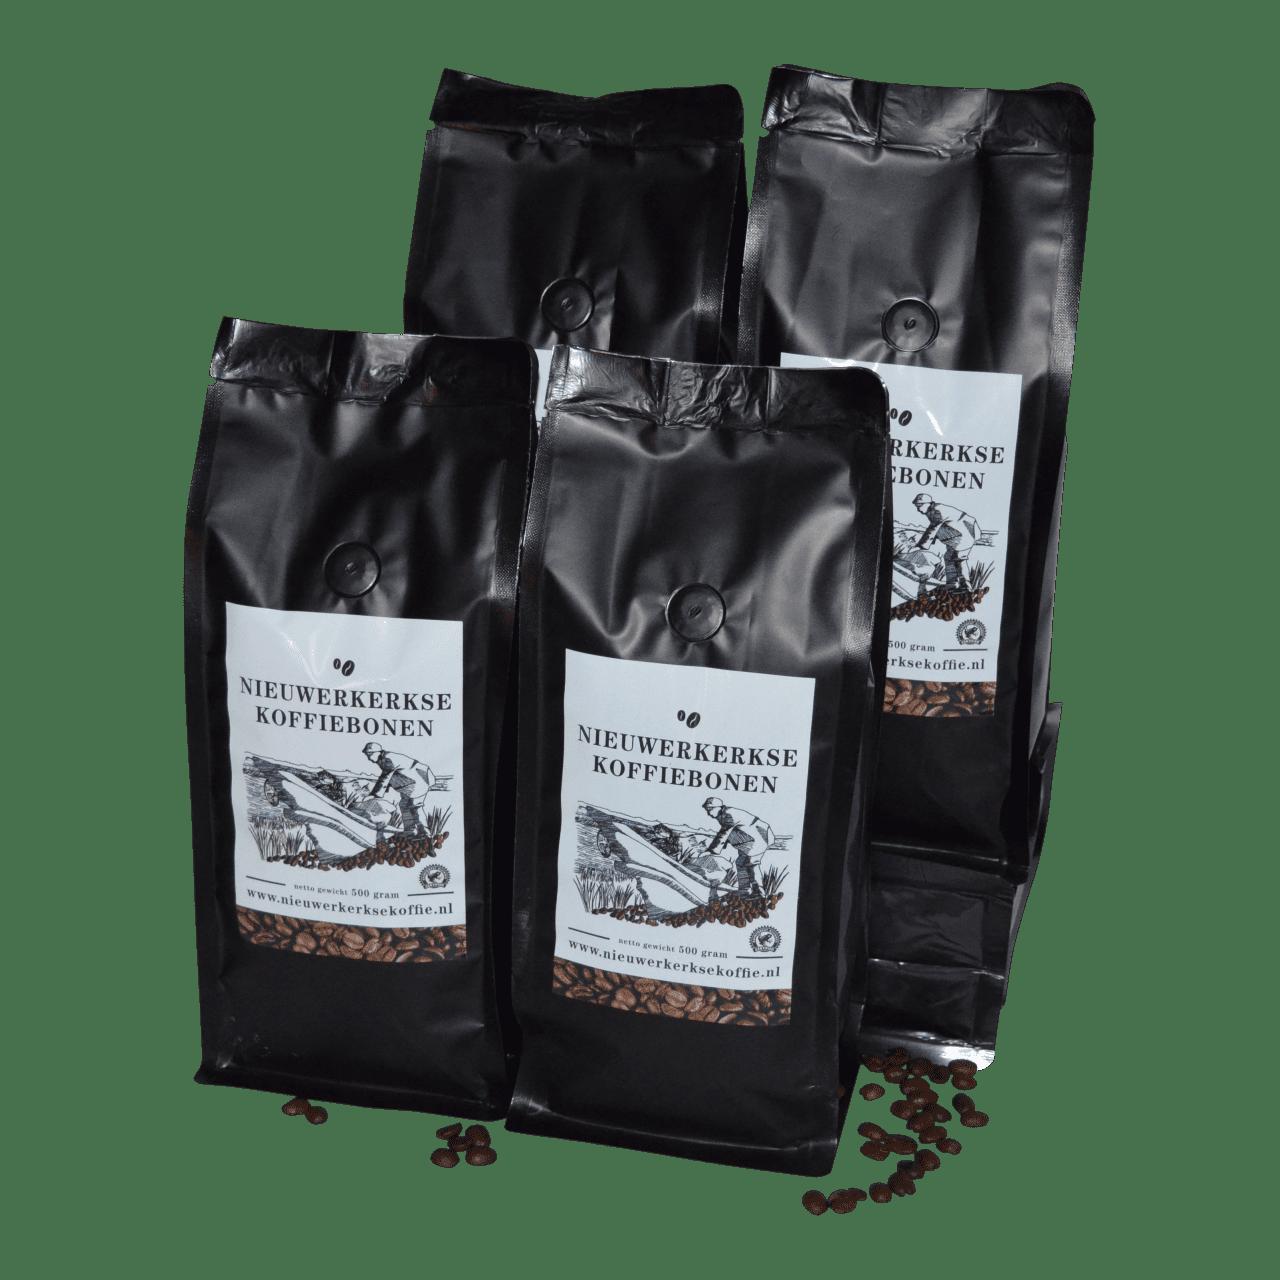 Nieuwerkerkse koffiebonen